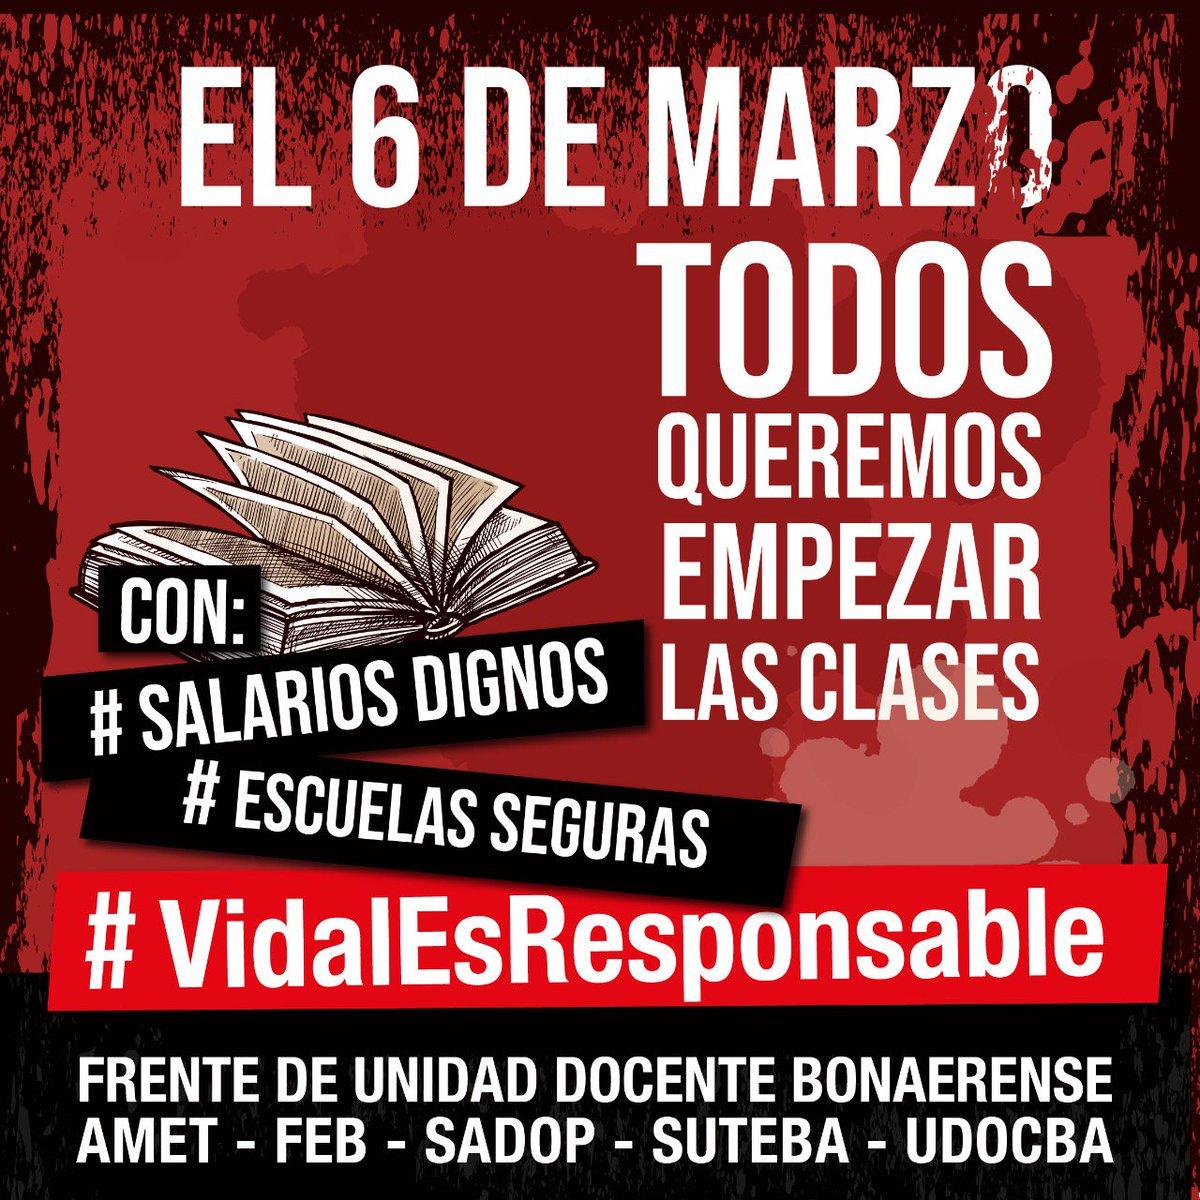 @GremialMoron's photo on #VidalEsResponsable